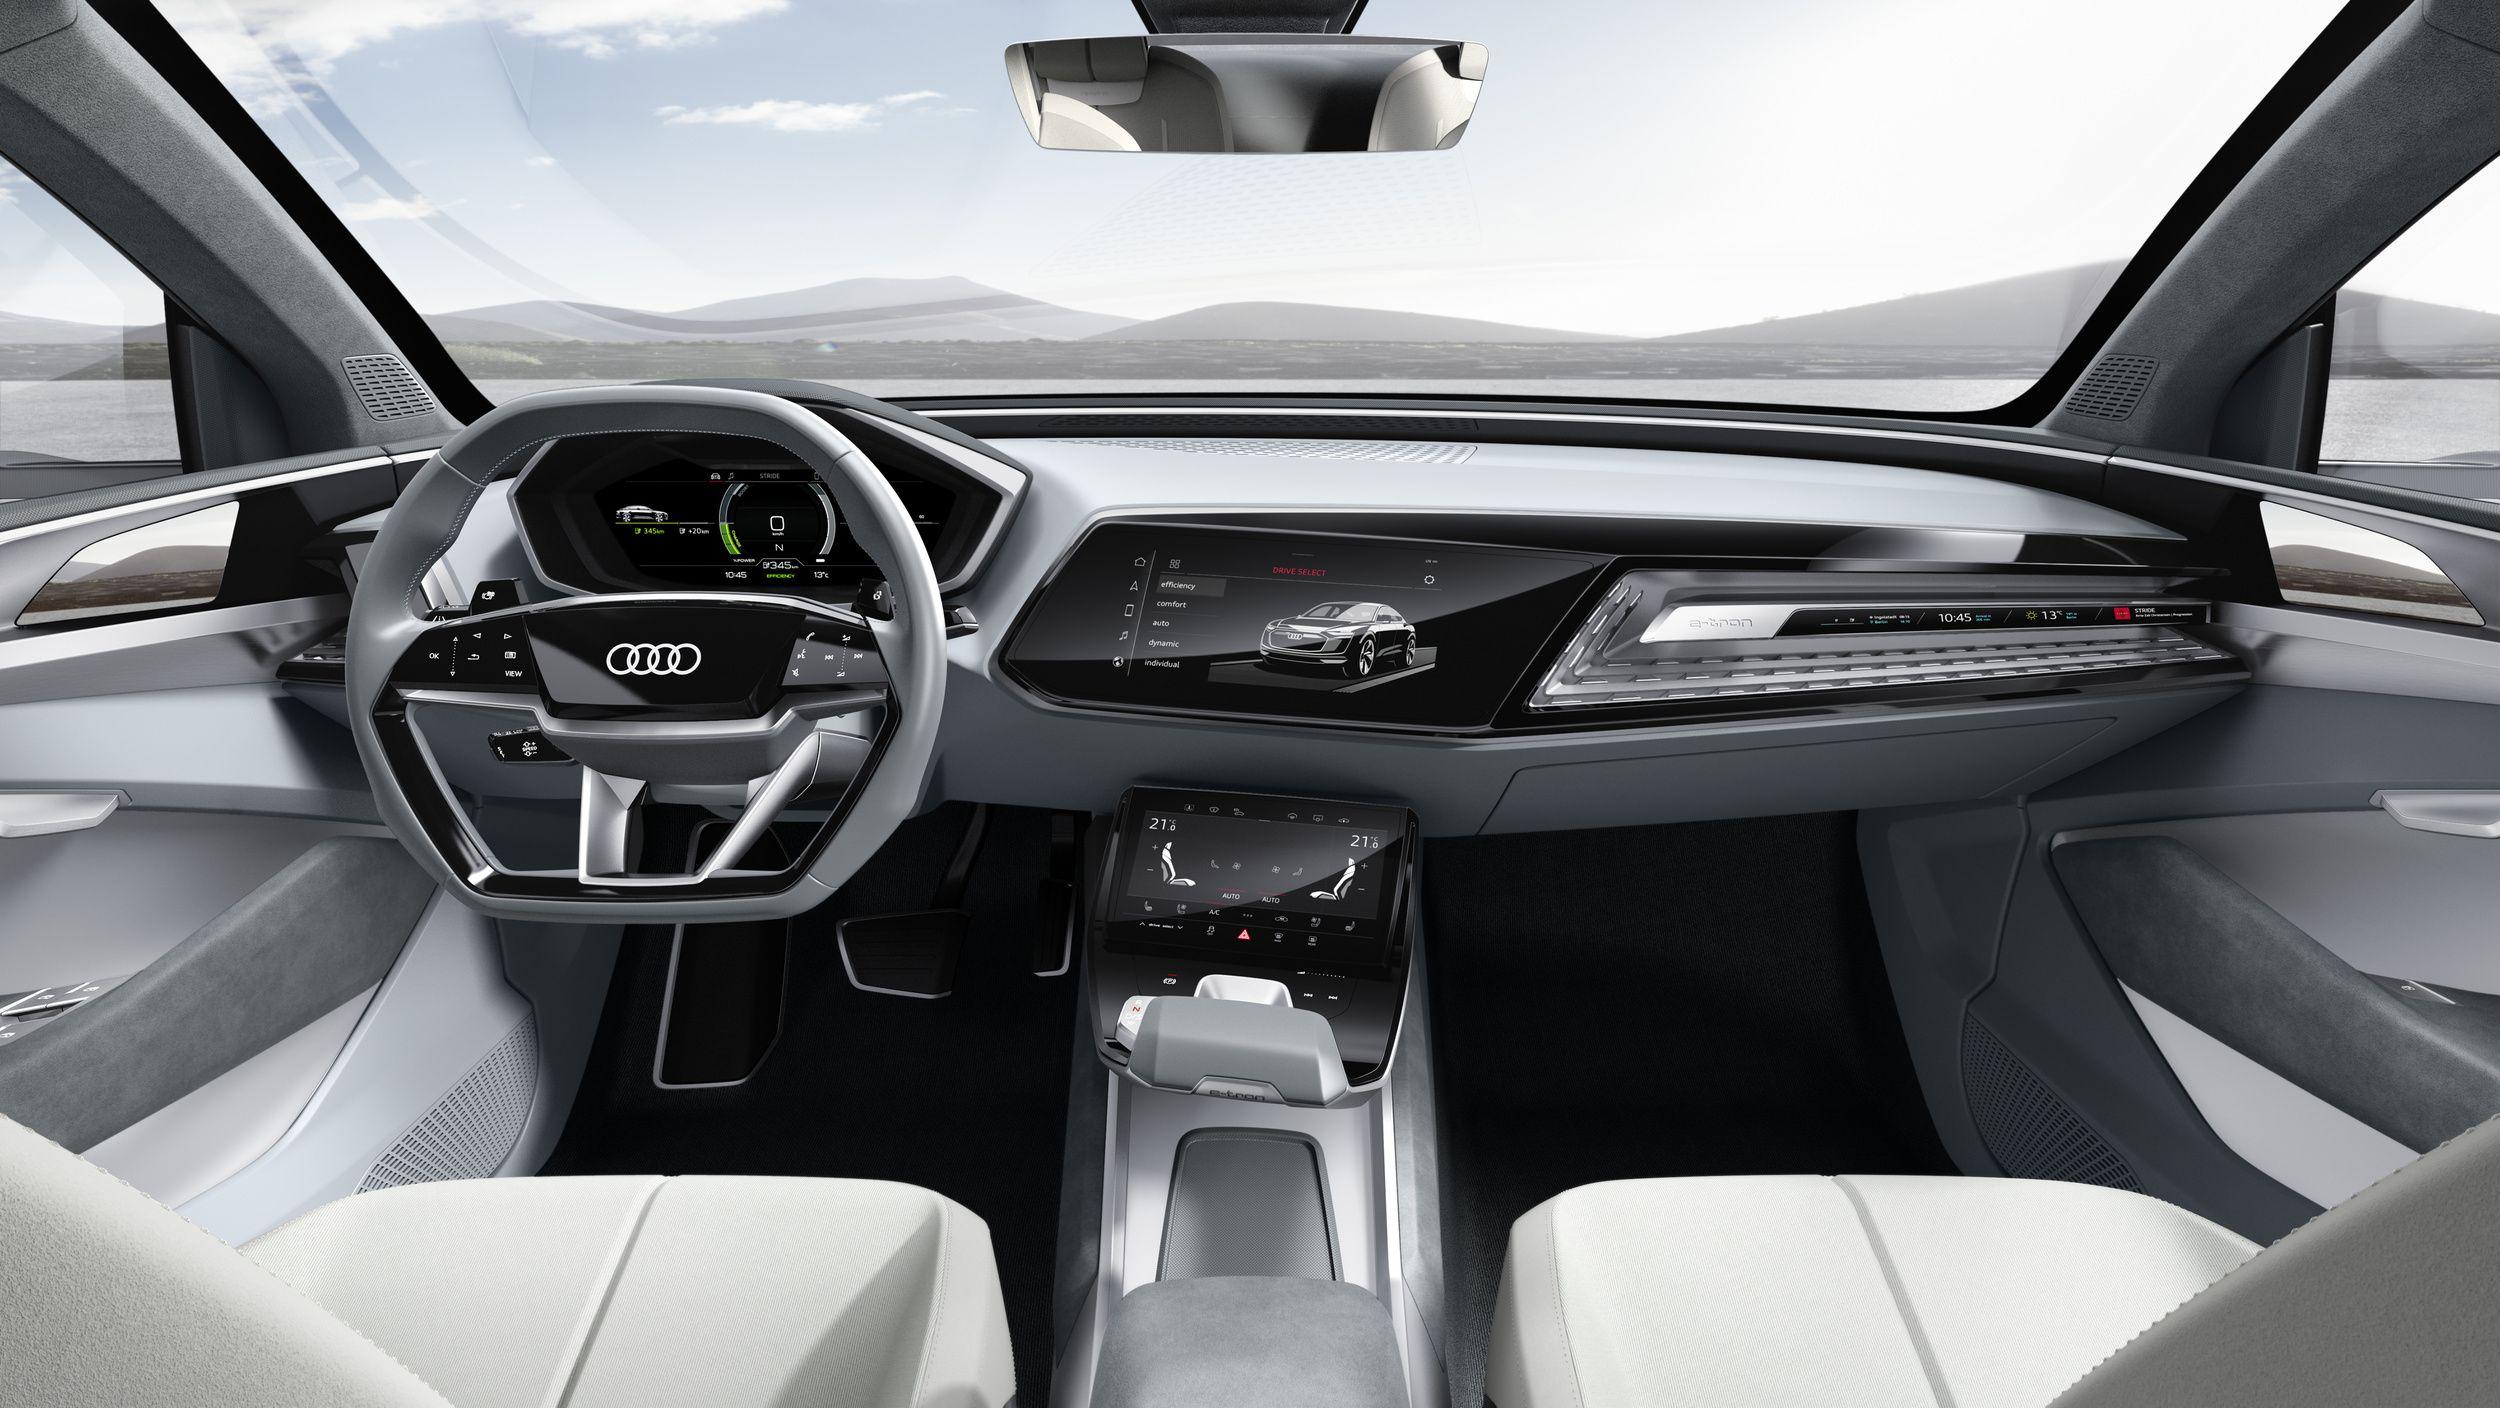 Audi e tron sportback concept previews 2019 production model